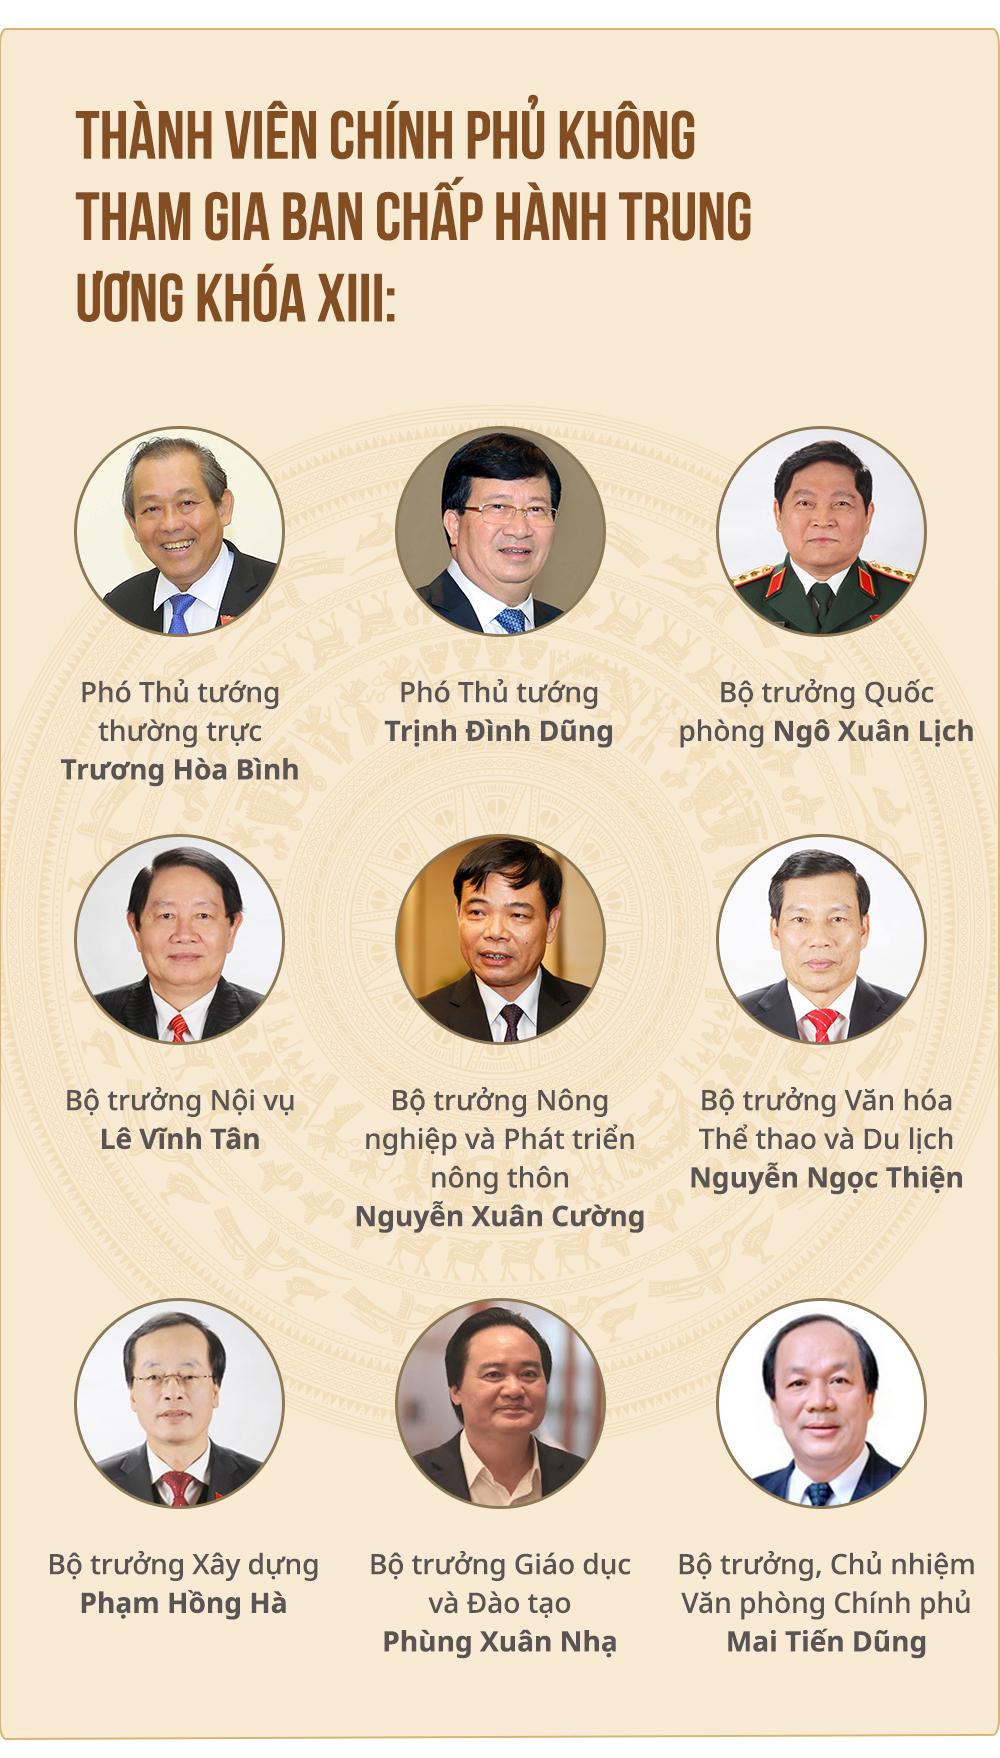 Thực hiện quy trình phê chuẩn miễn nhiệm một số Phó Thủ tướng và bộ trưởng